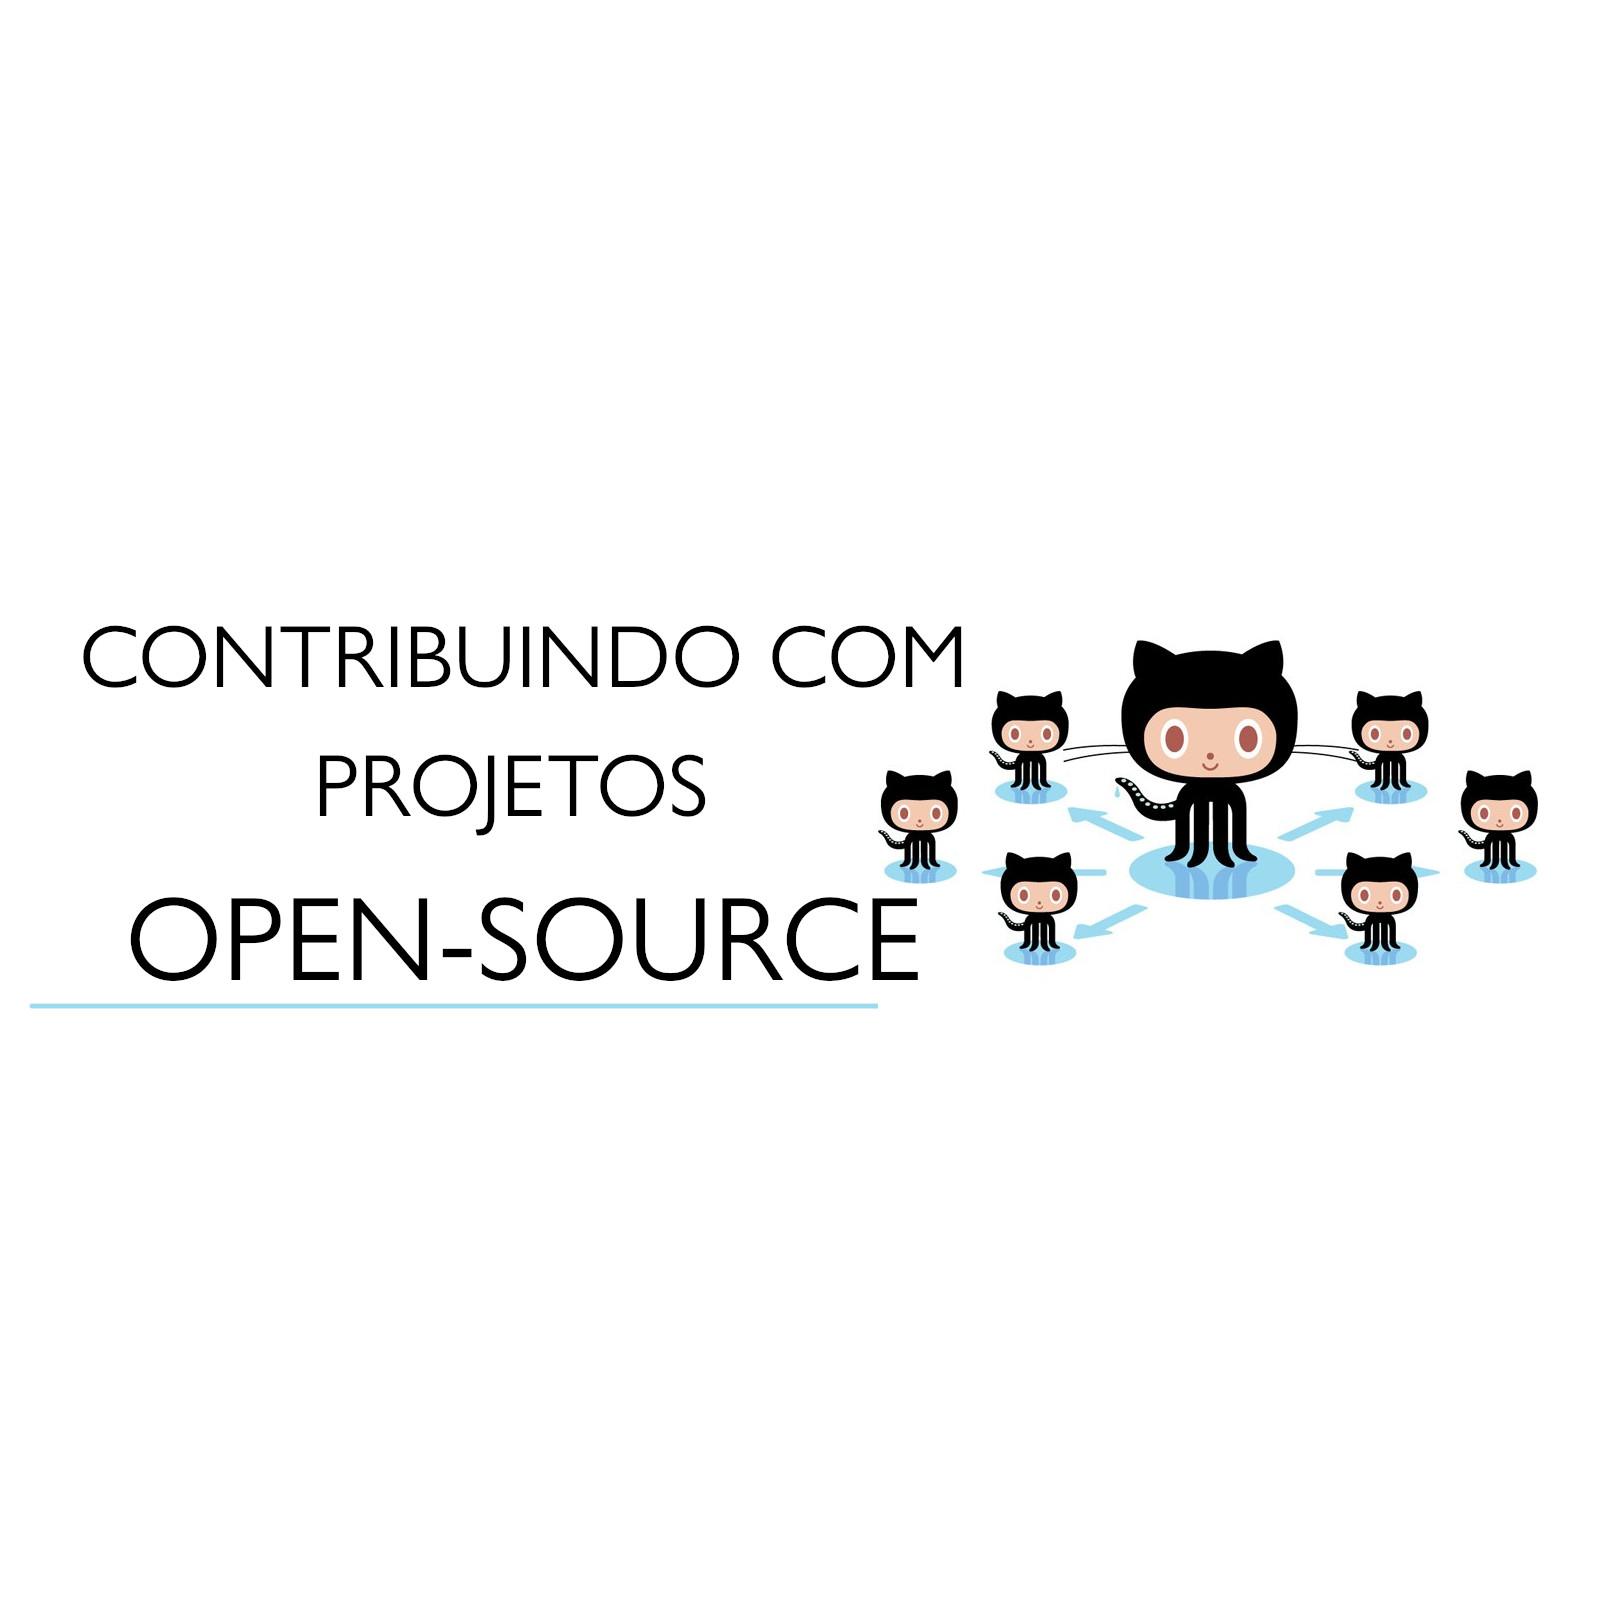 Minha PRIMEIRA CONTRIBUIÇÃO para um projeto OPEN-SOURCE